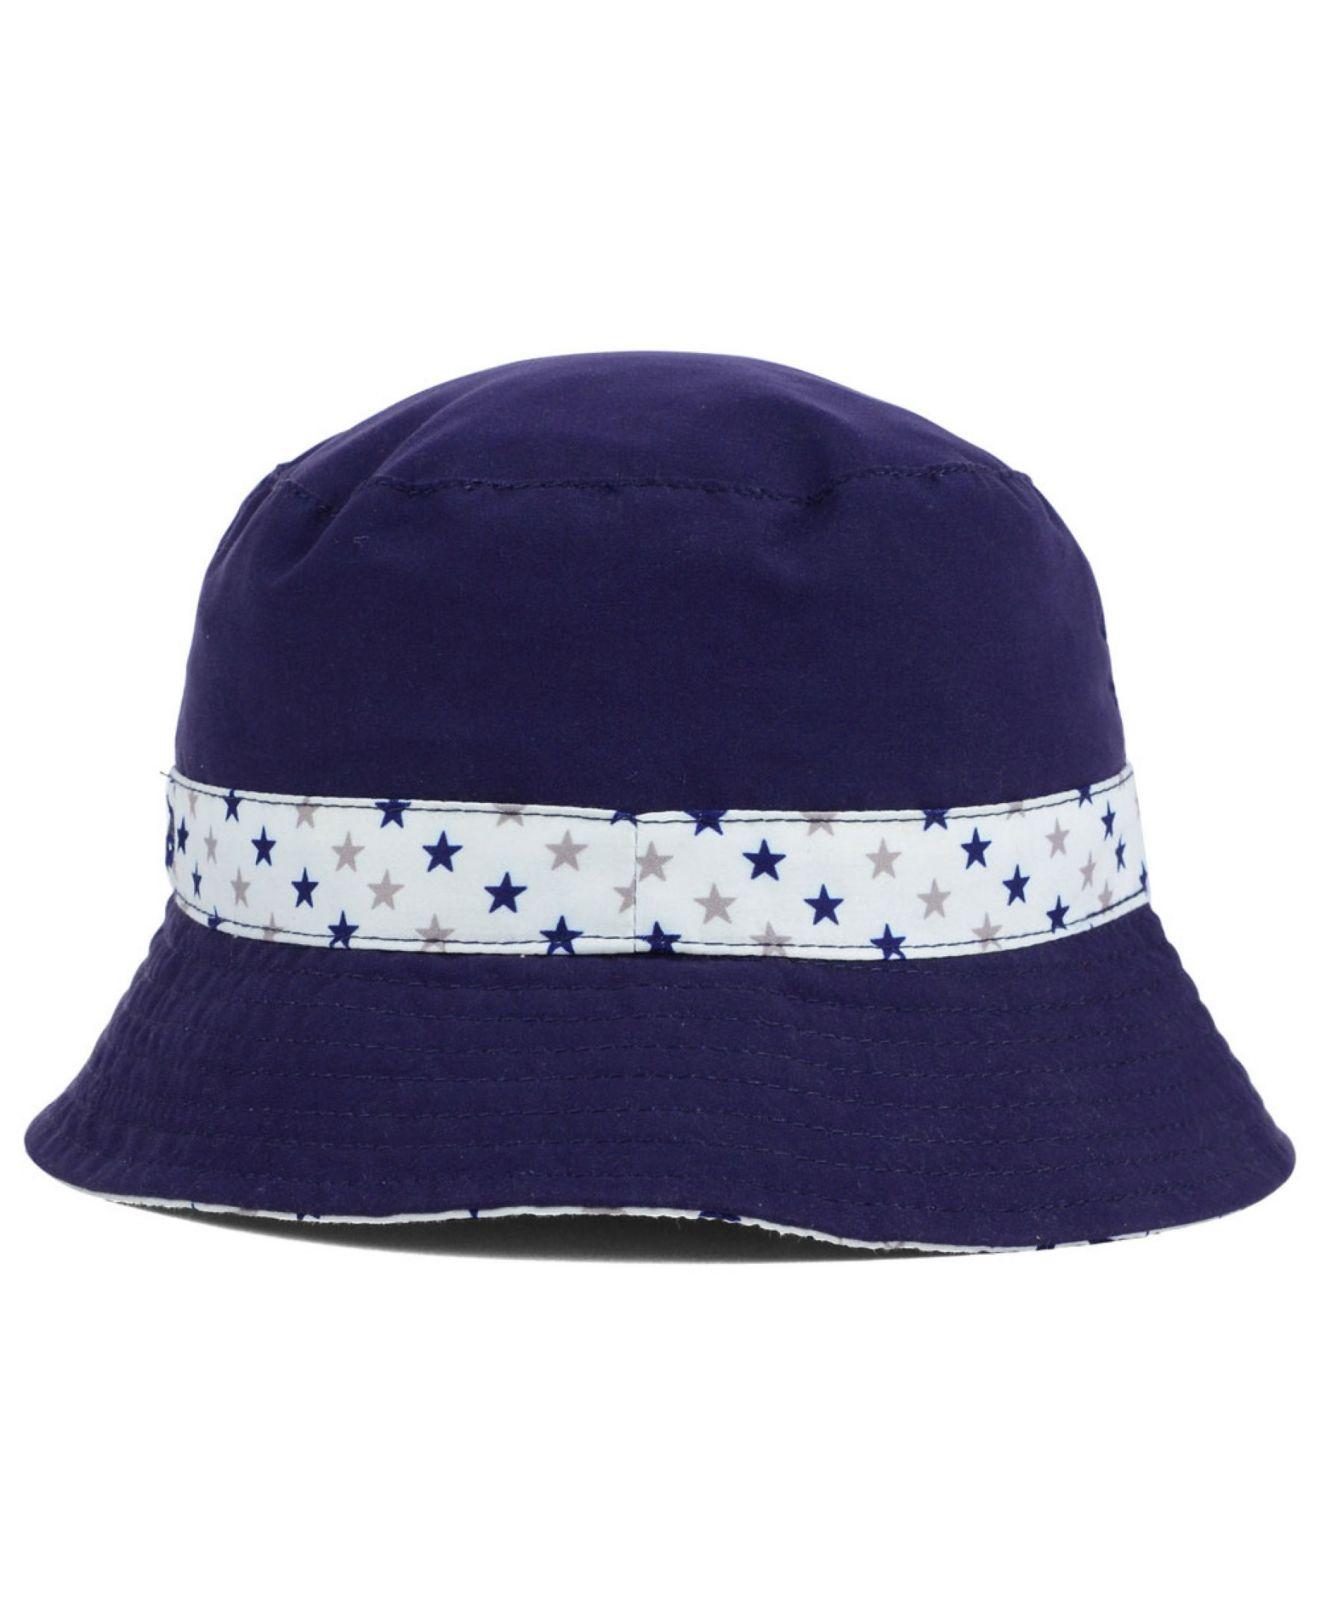 e0e5a6a13ced1 Lyst - KTZ Kids  Winnipeg Jets Reversible Bucket Hat in Blue